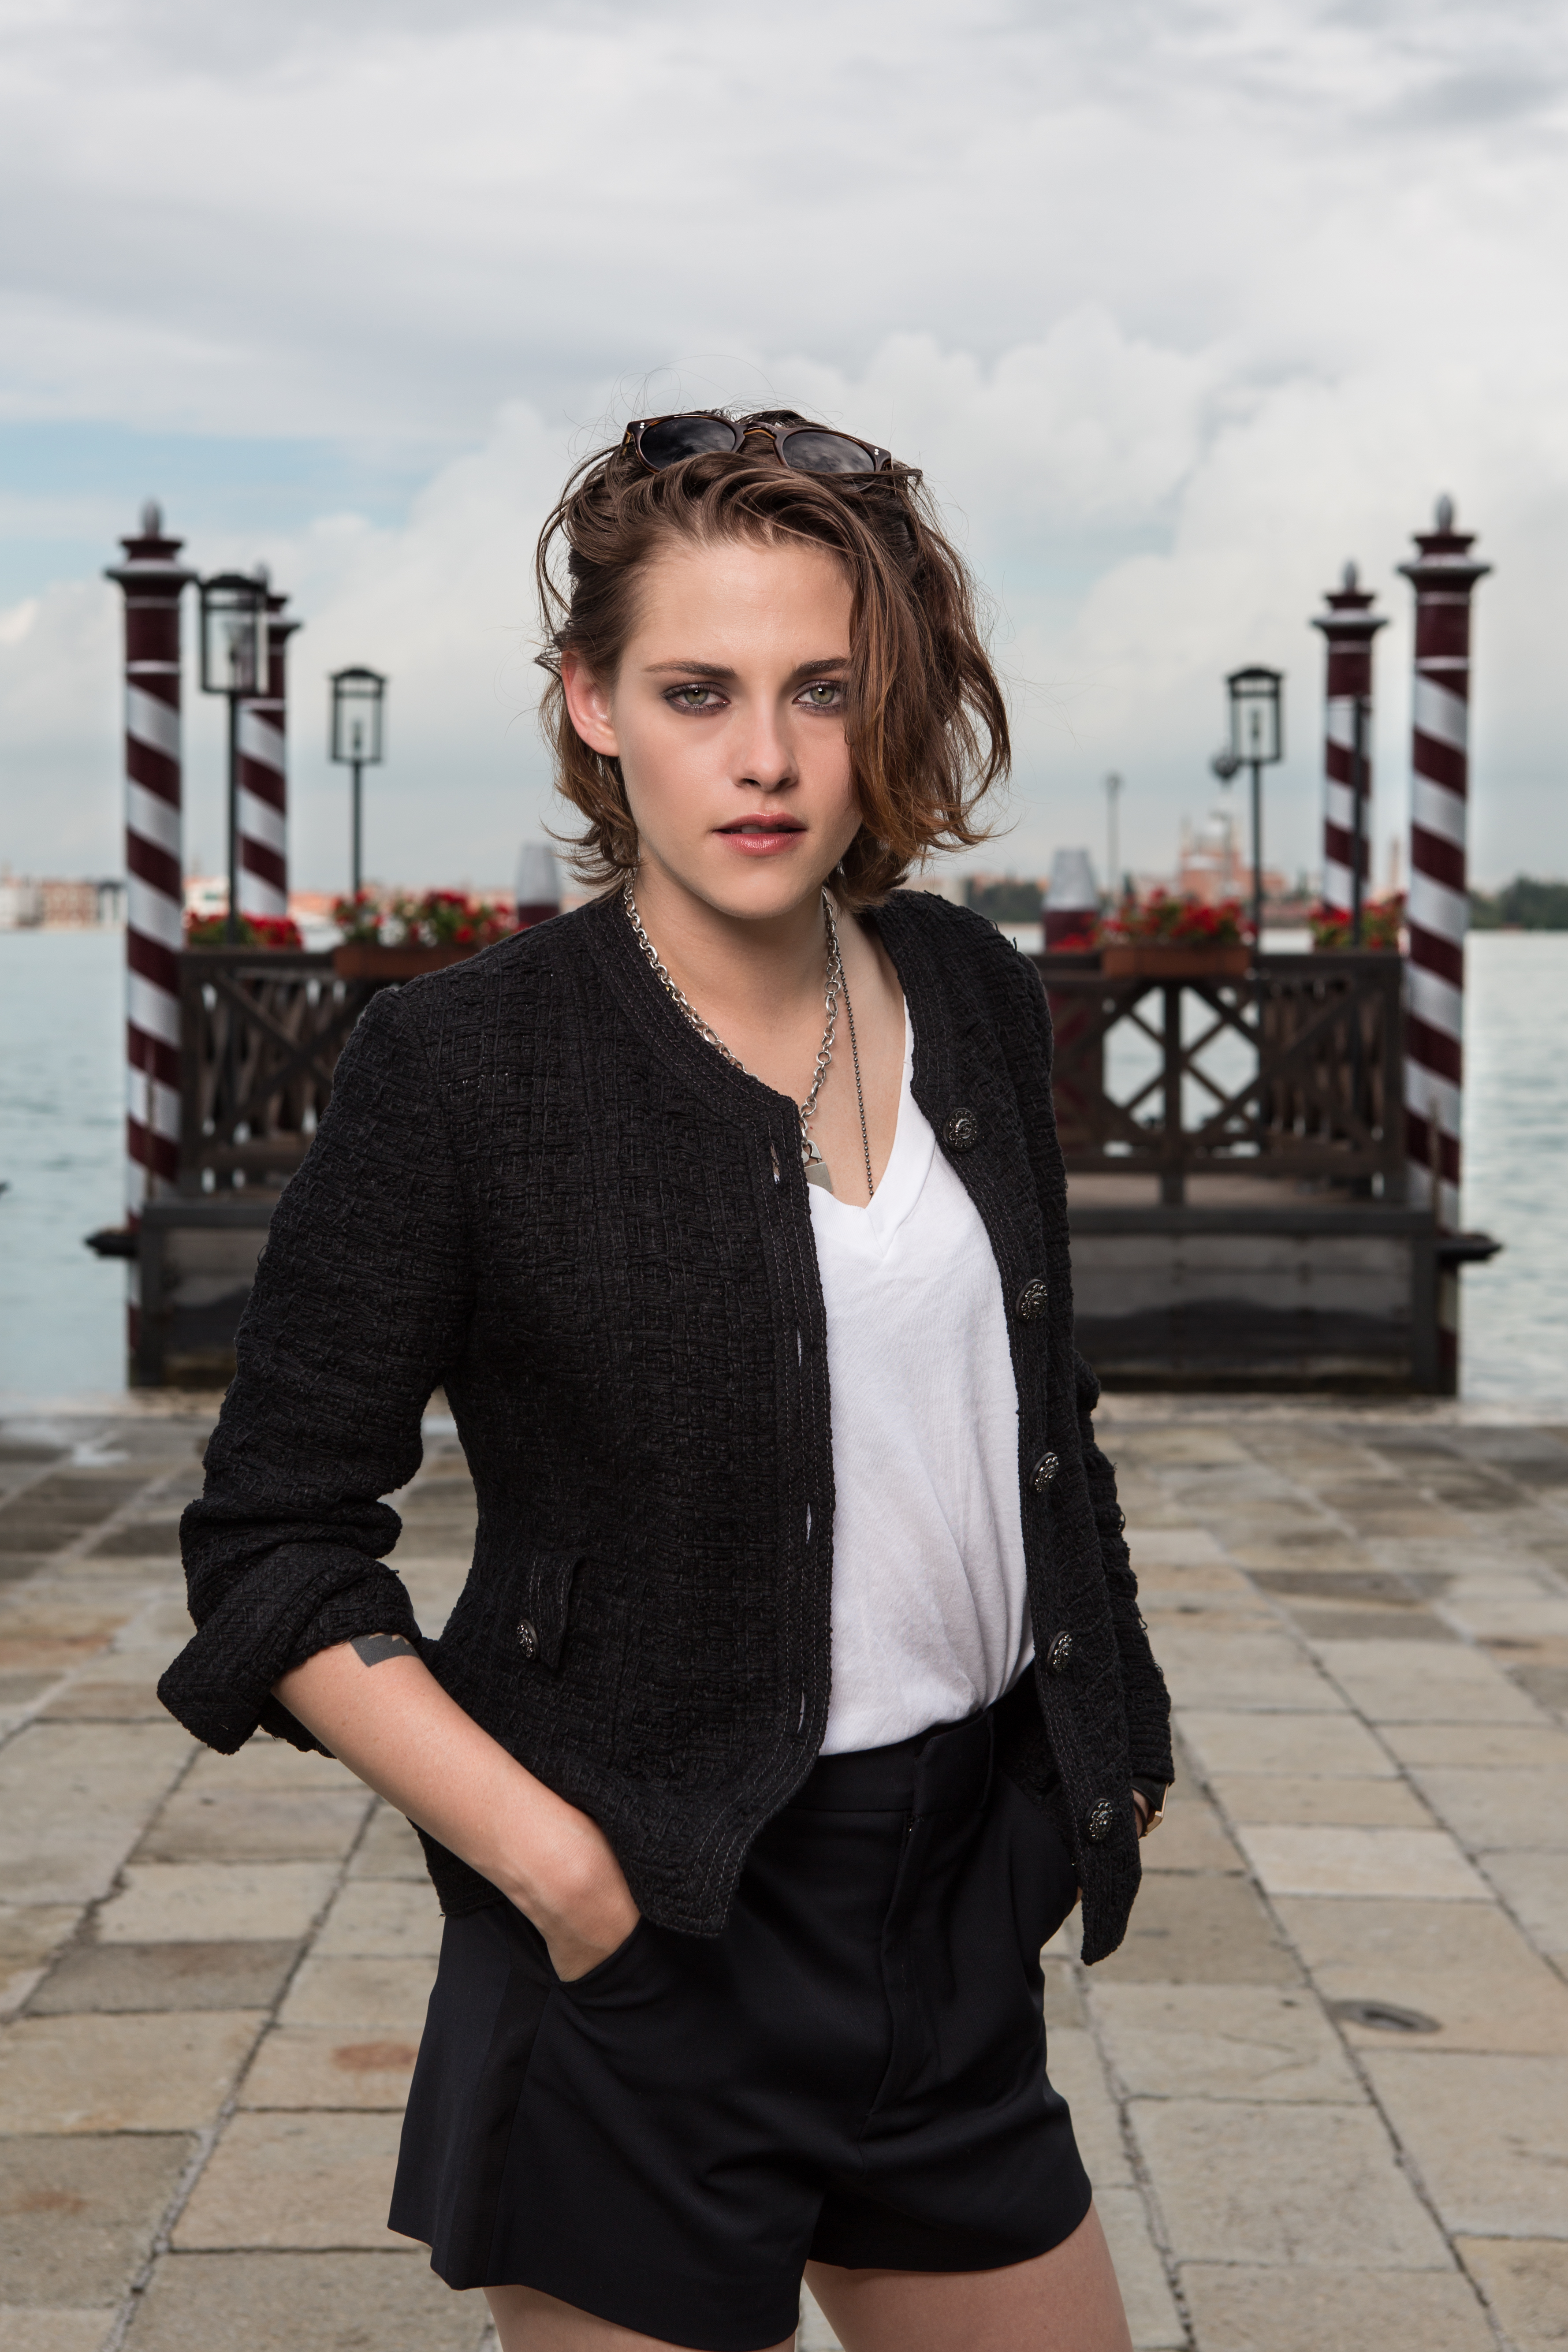 K 11 Kristen Stewart Kristen Stewart pictur...